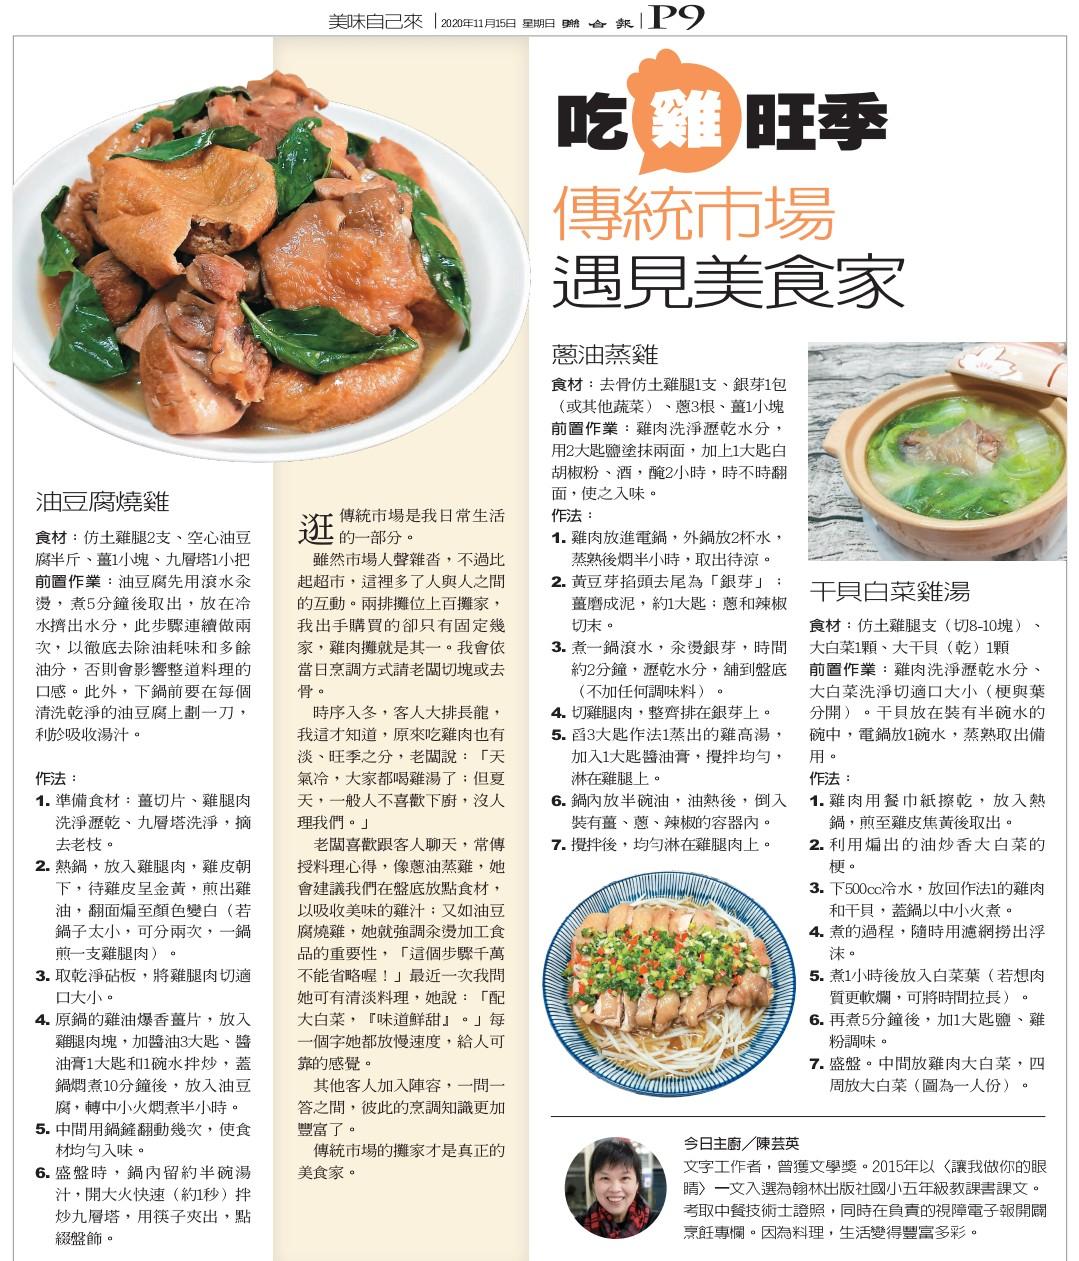 聯合報週日推出的「元氣週報」,介紹了三道我做的「雞肉料理」。